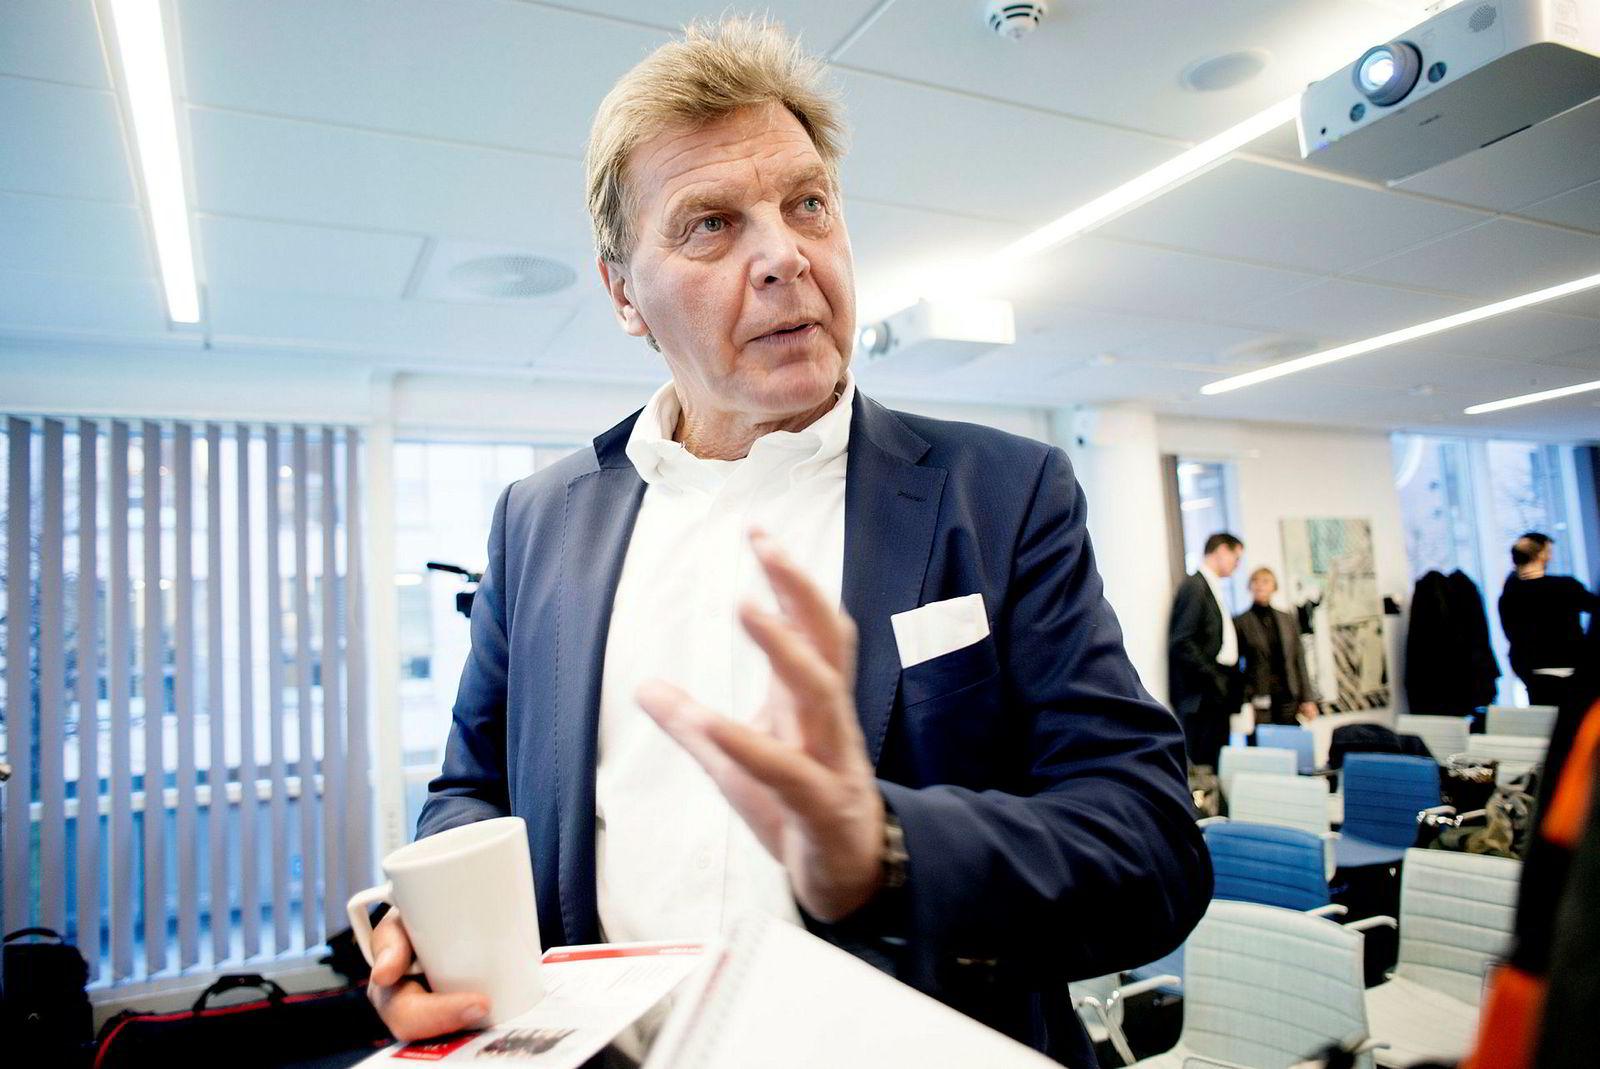 Styreleder Bjørn Kise i Bank Norwegian mener retningslinjene fra myndighetene er firkantede og stivbente.